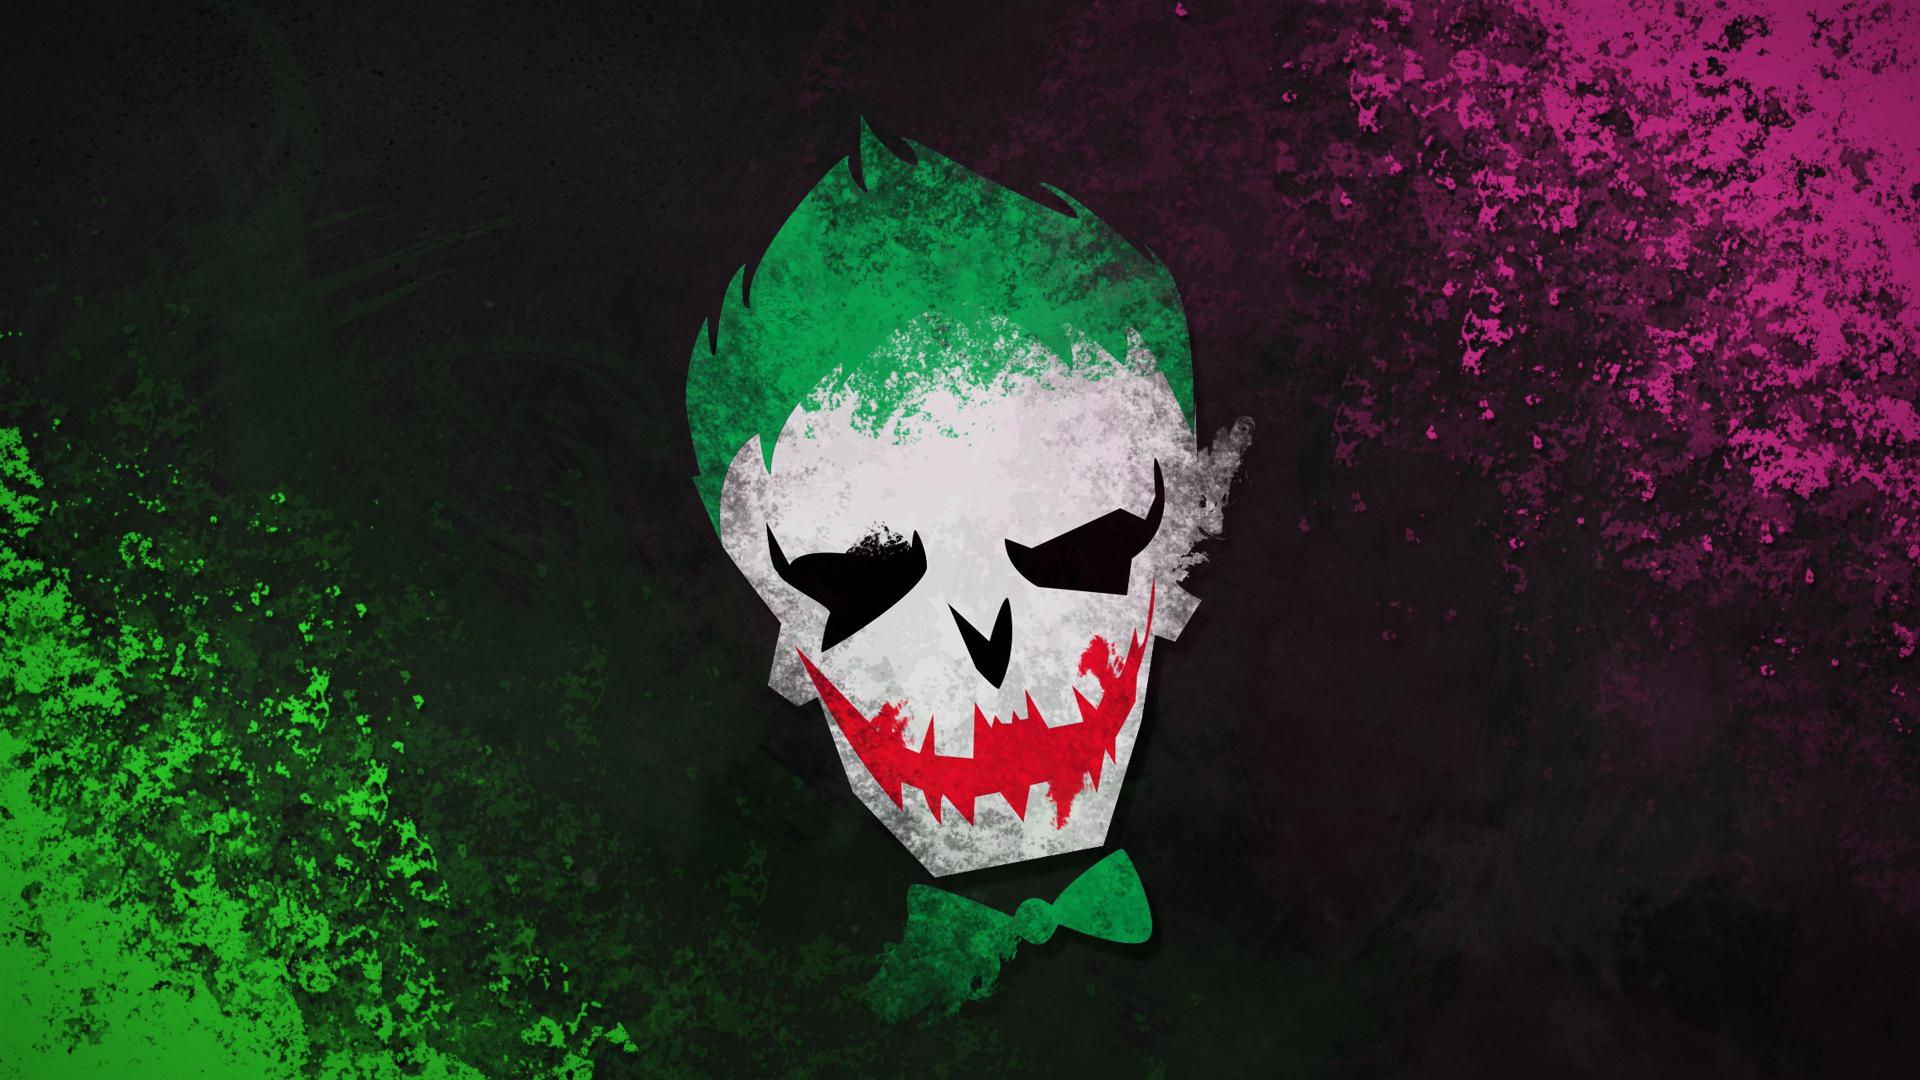 Suicide Squad - Joker Wallpaper by Klarkao on DeviantArt Suicide Squad Wallpaper